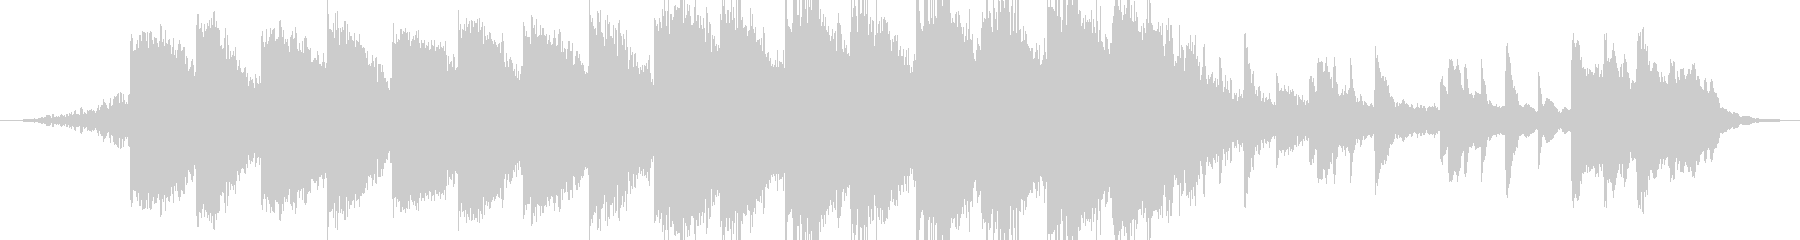 動画 魔法 環境 平和 ピアノ エ...の未再生の波形